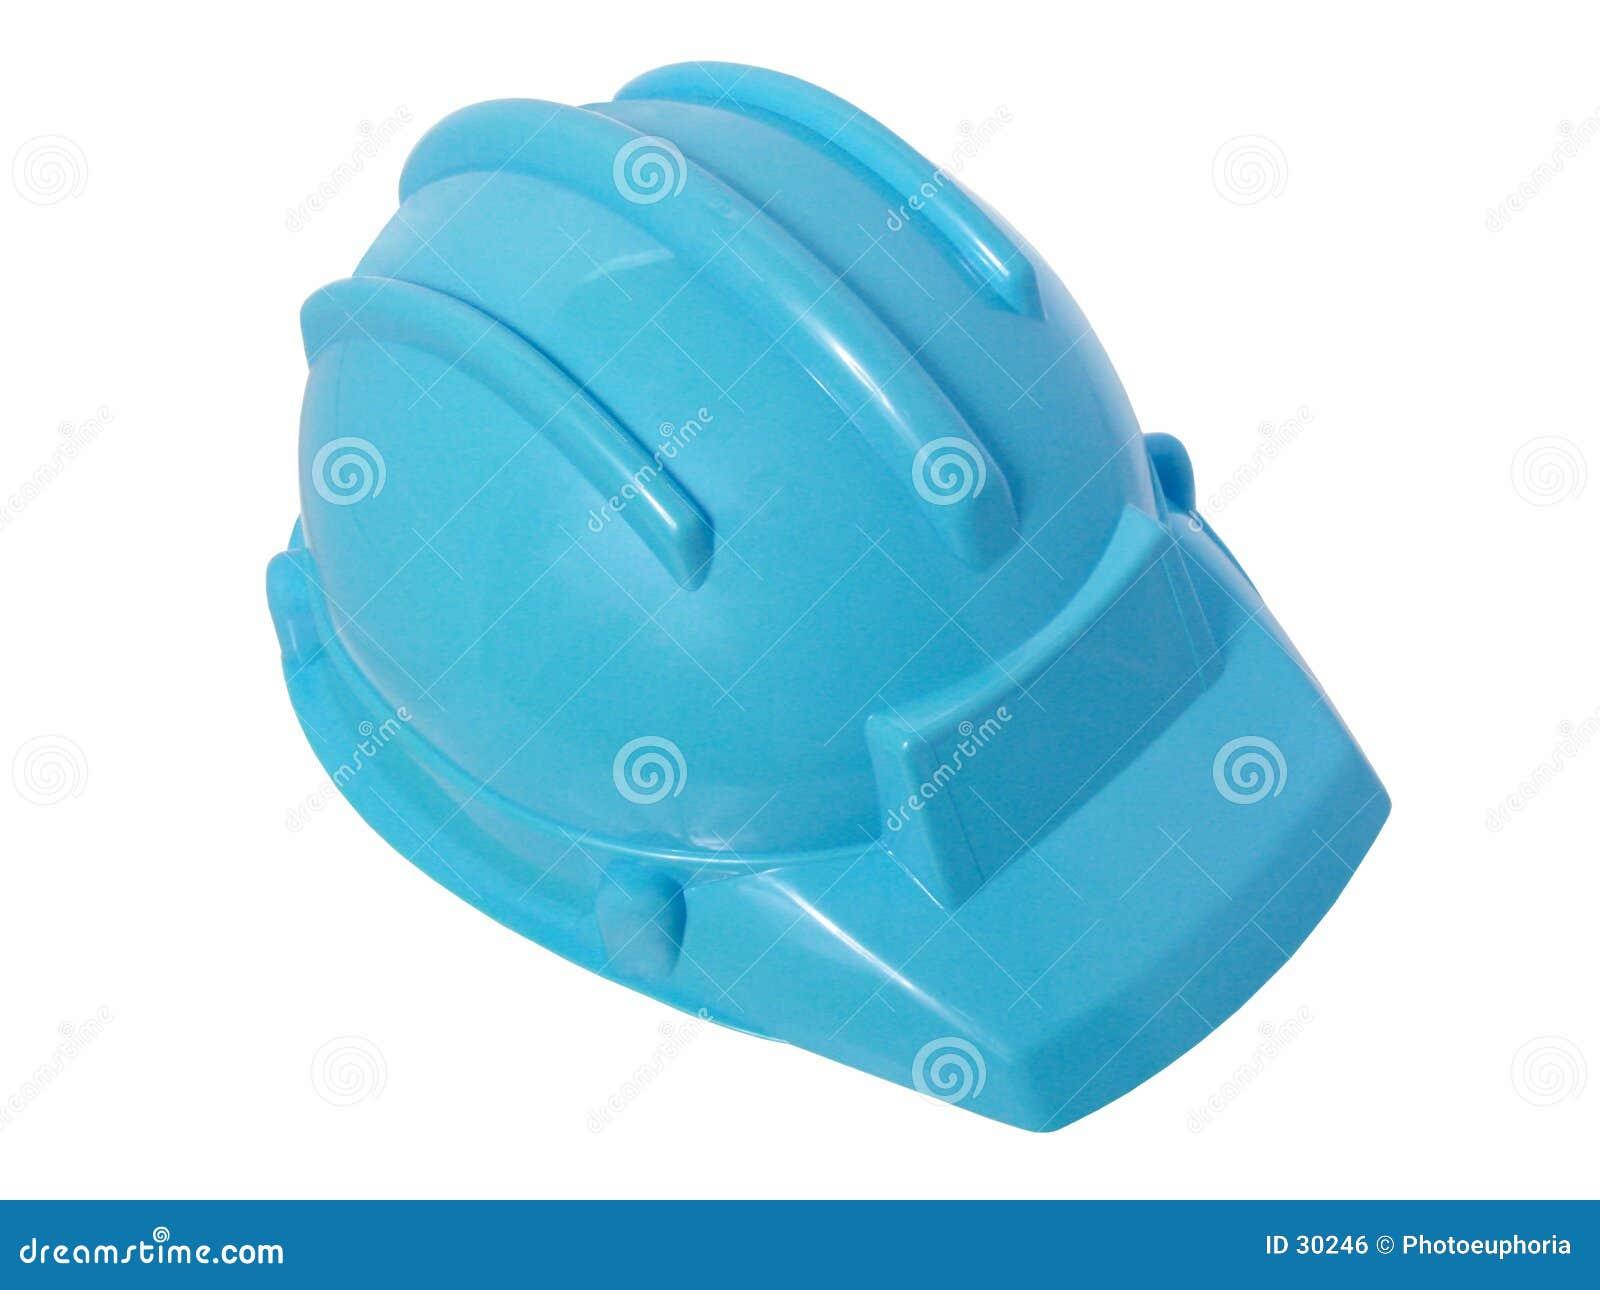 Juguetes: Casco plástico azul brillante de la construcción